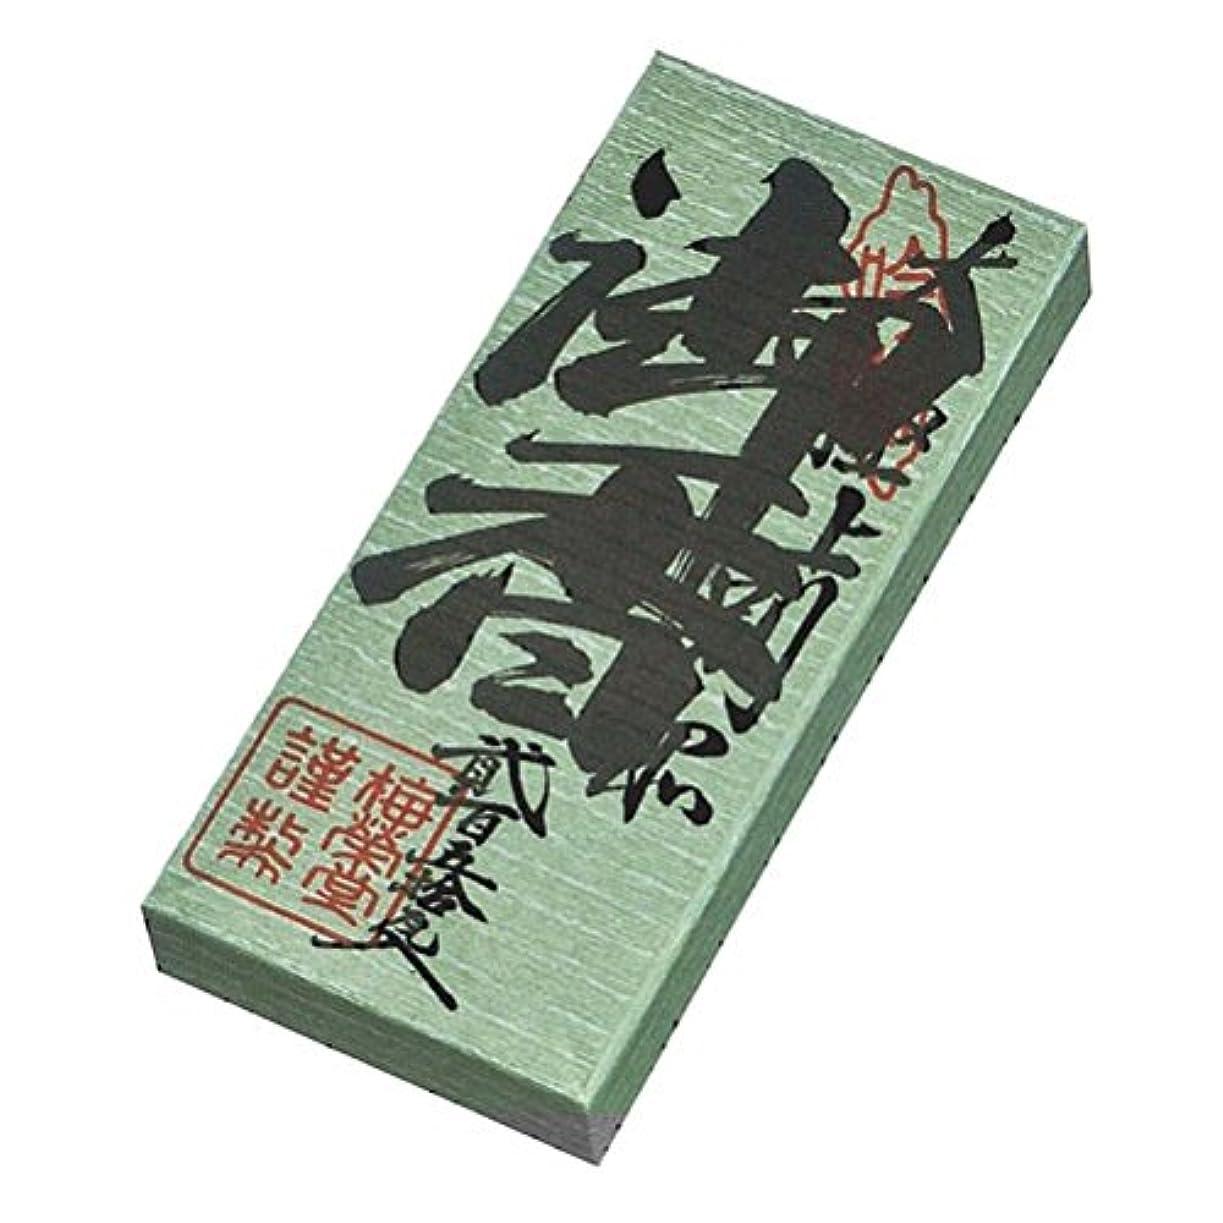 蘭麝印 125g 紙箱入り お焼香 梅栄堂